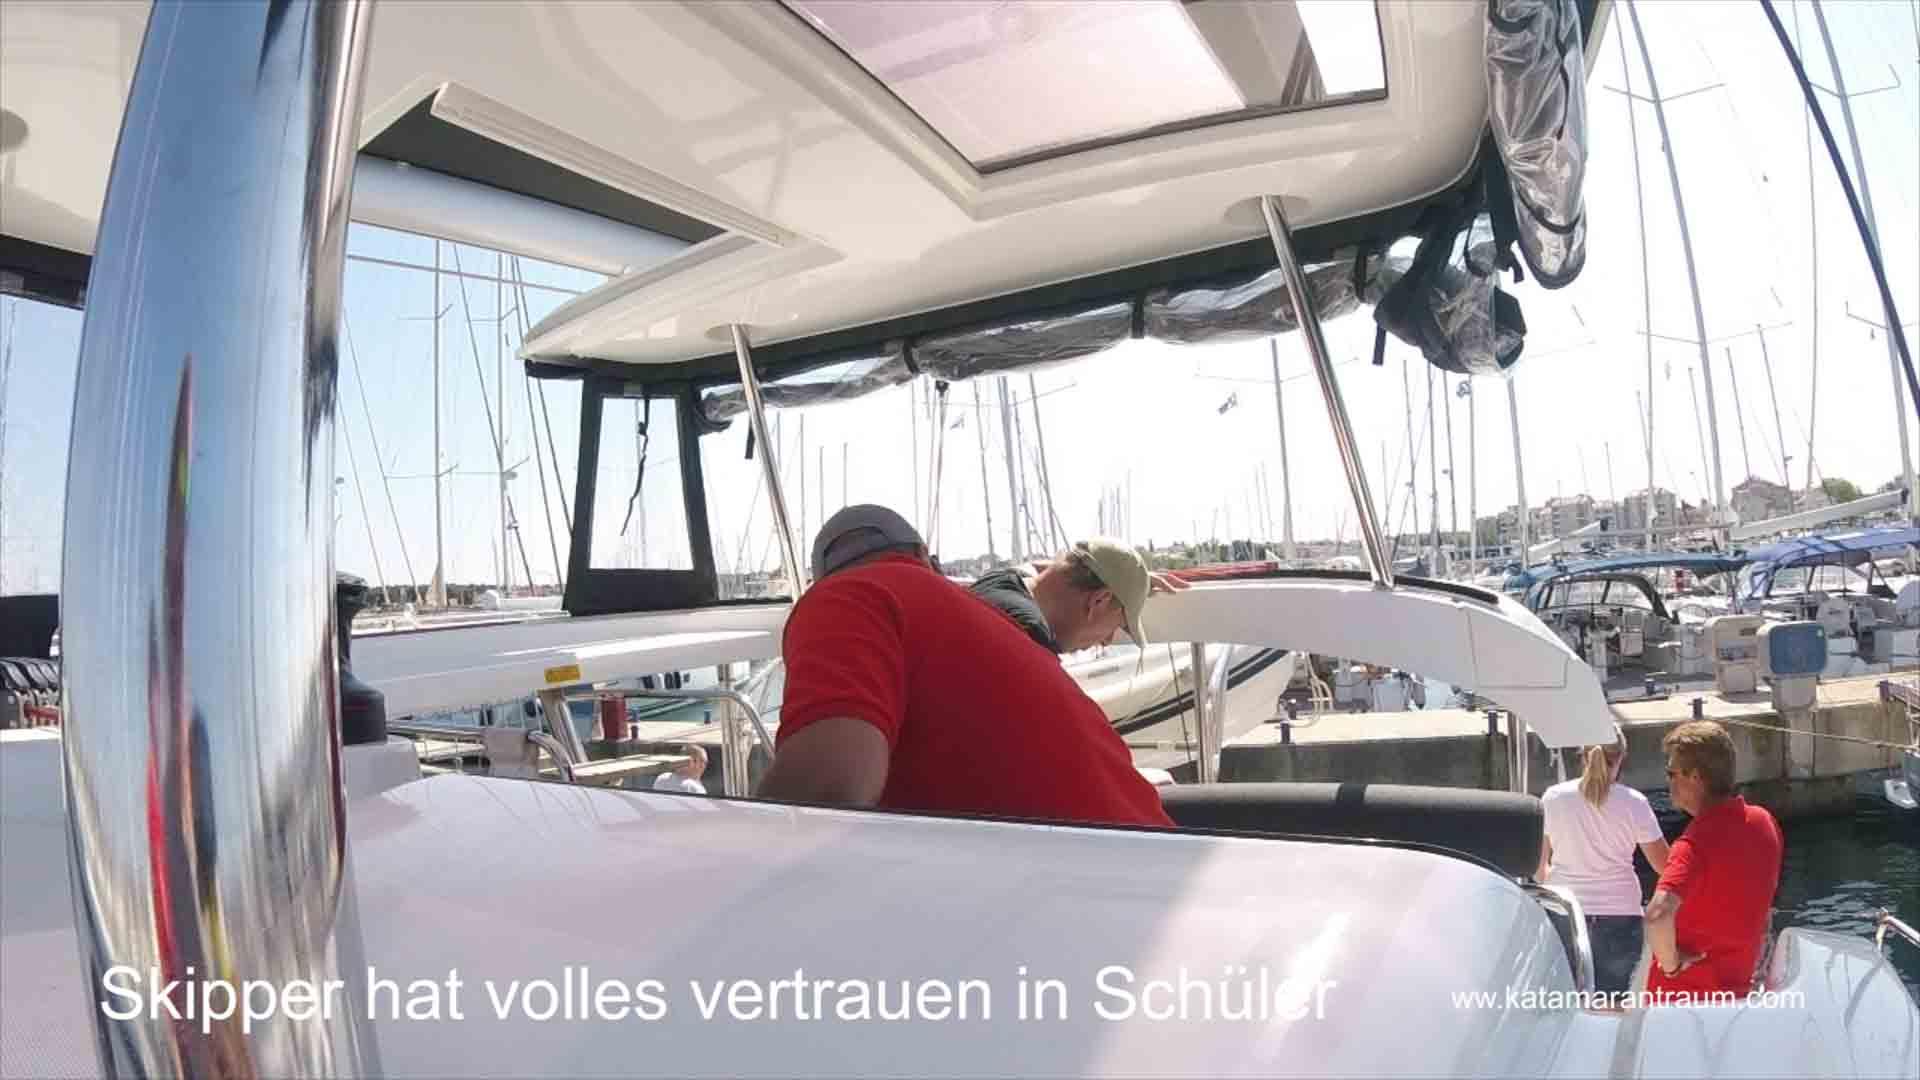 Full concentration on docking maneuver